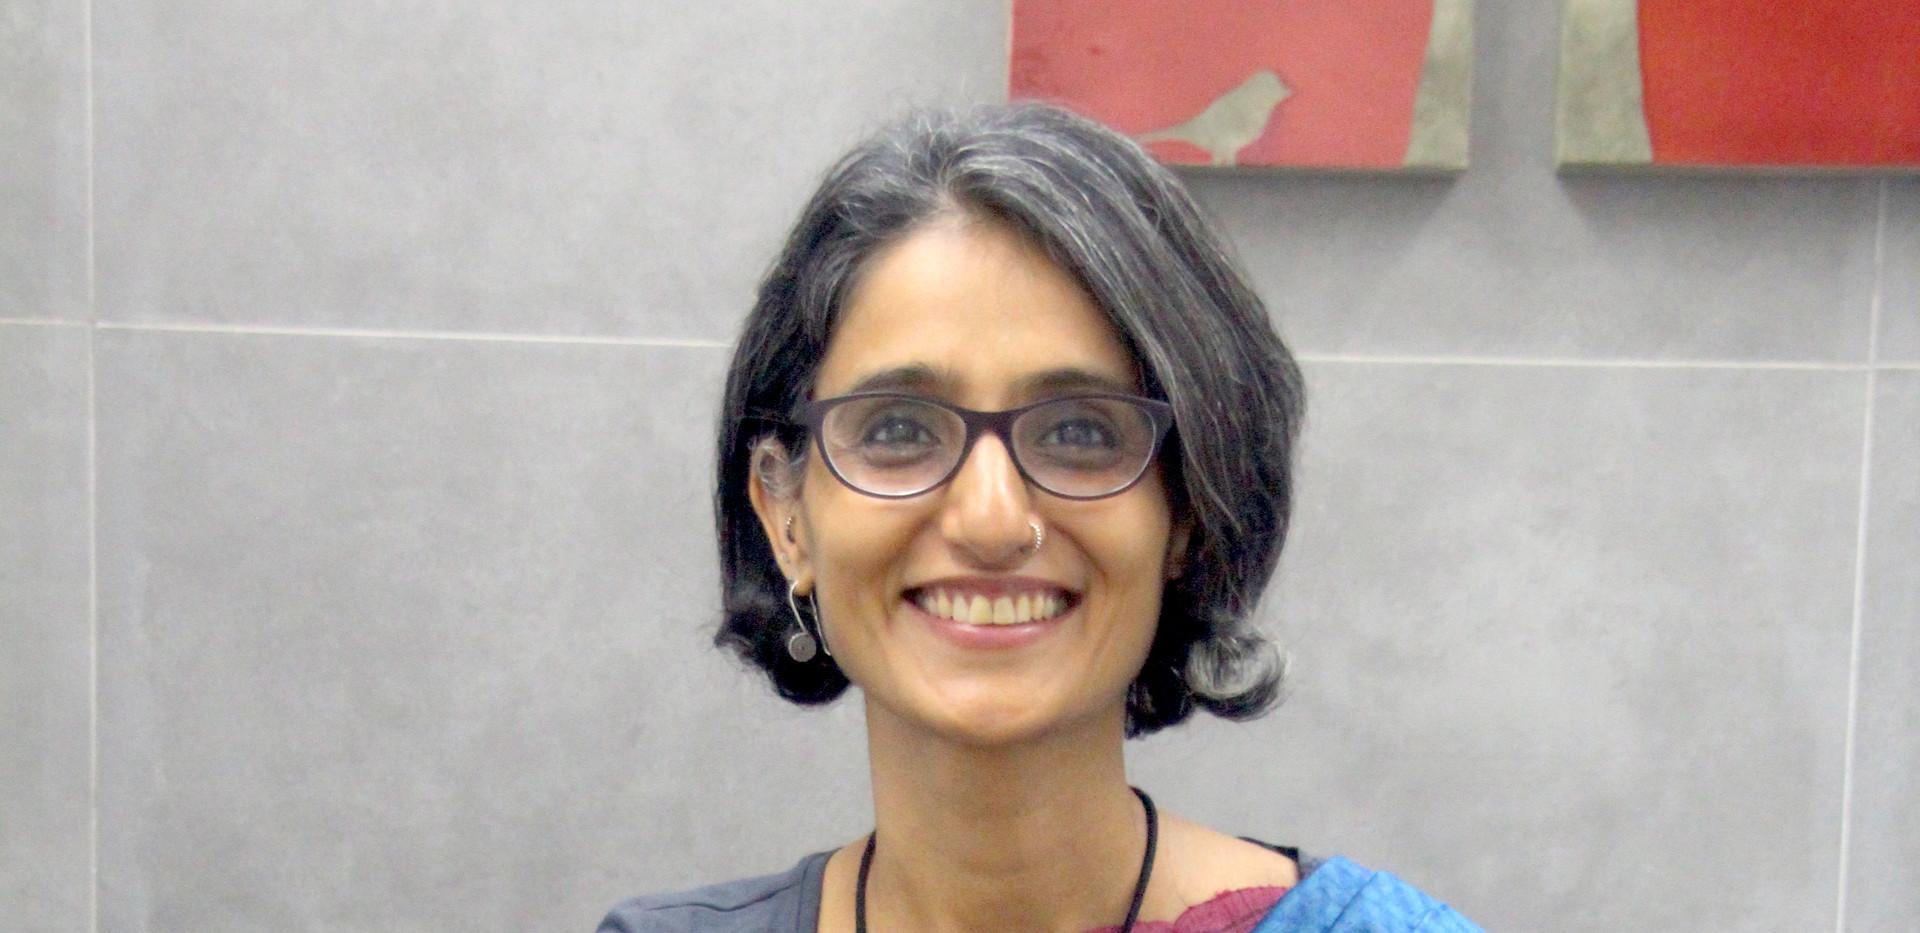 Dr. Sukhpreet Patel Consulting Room Vita